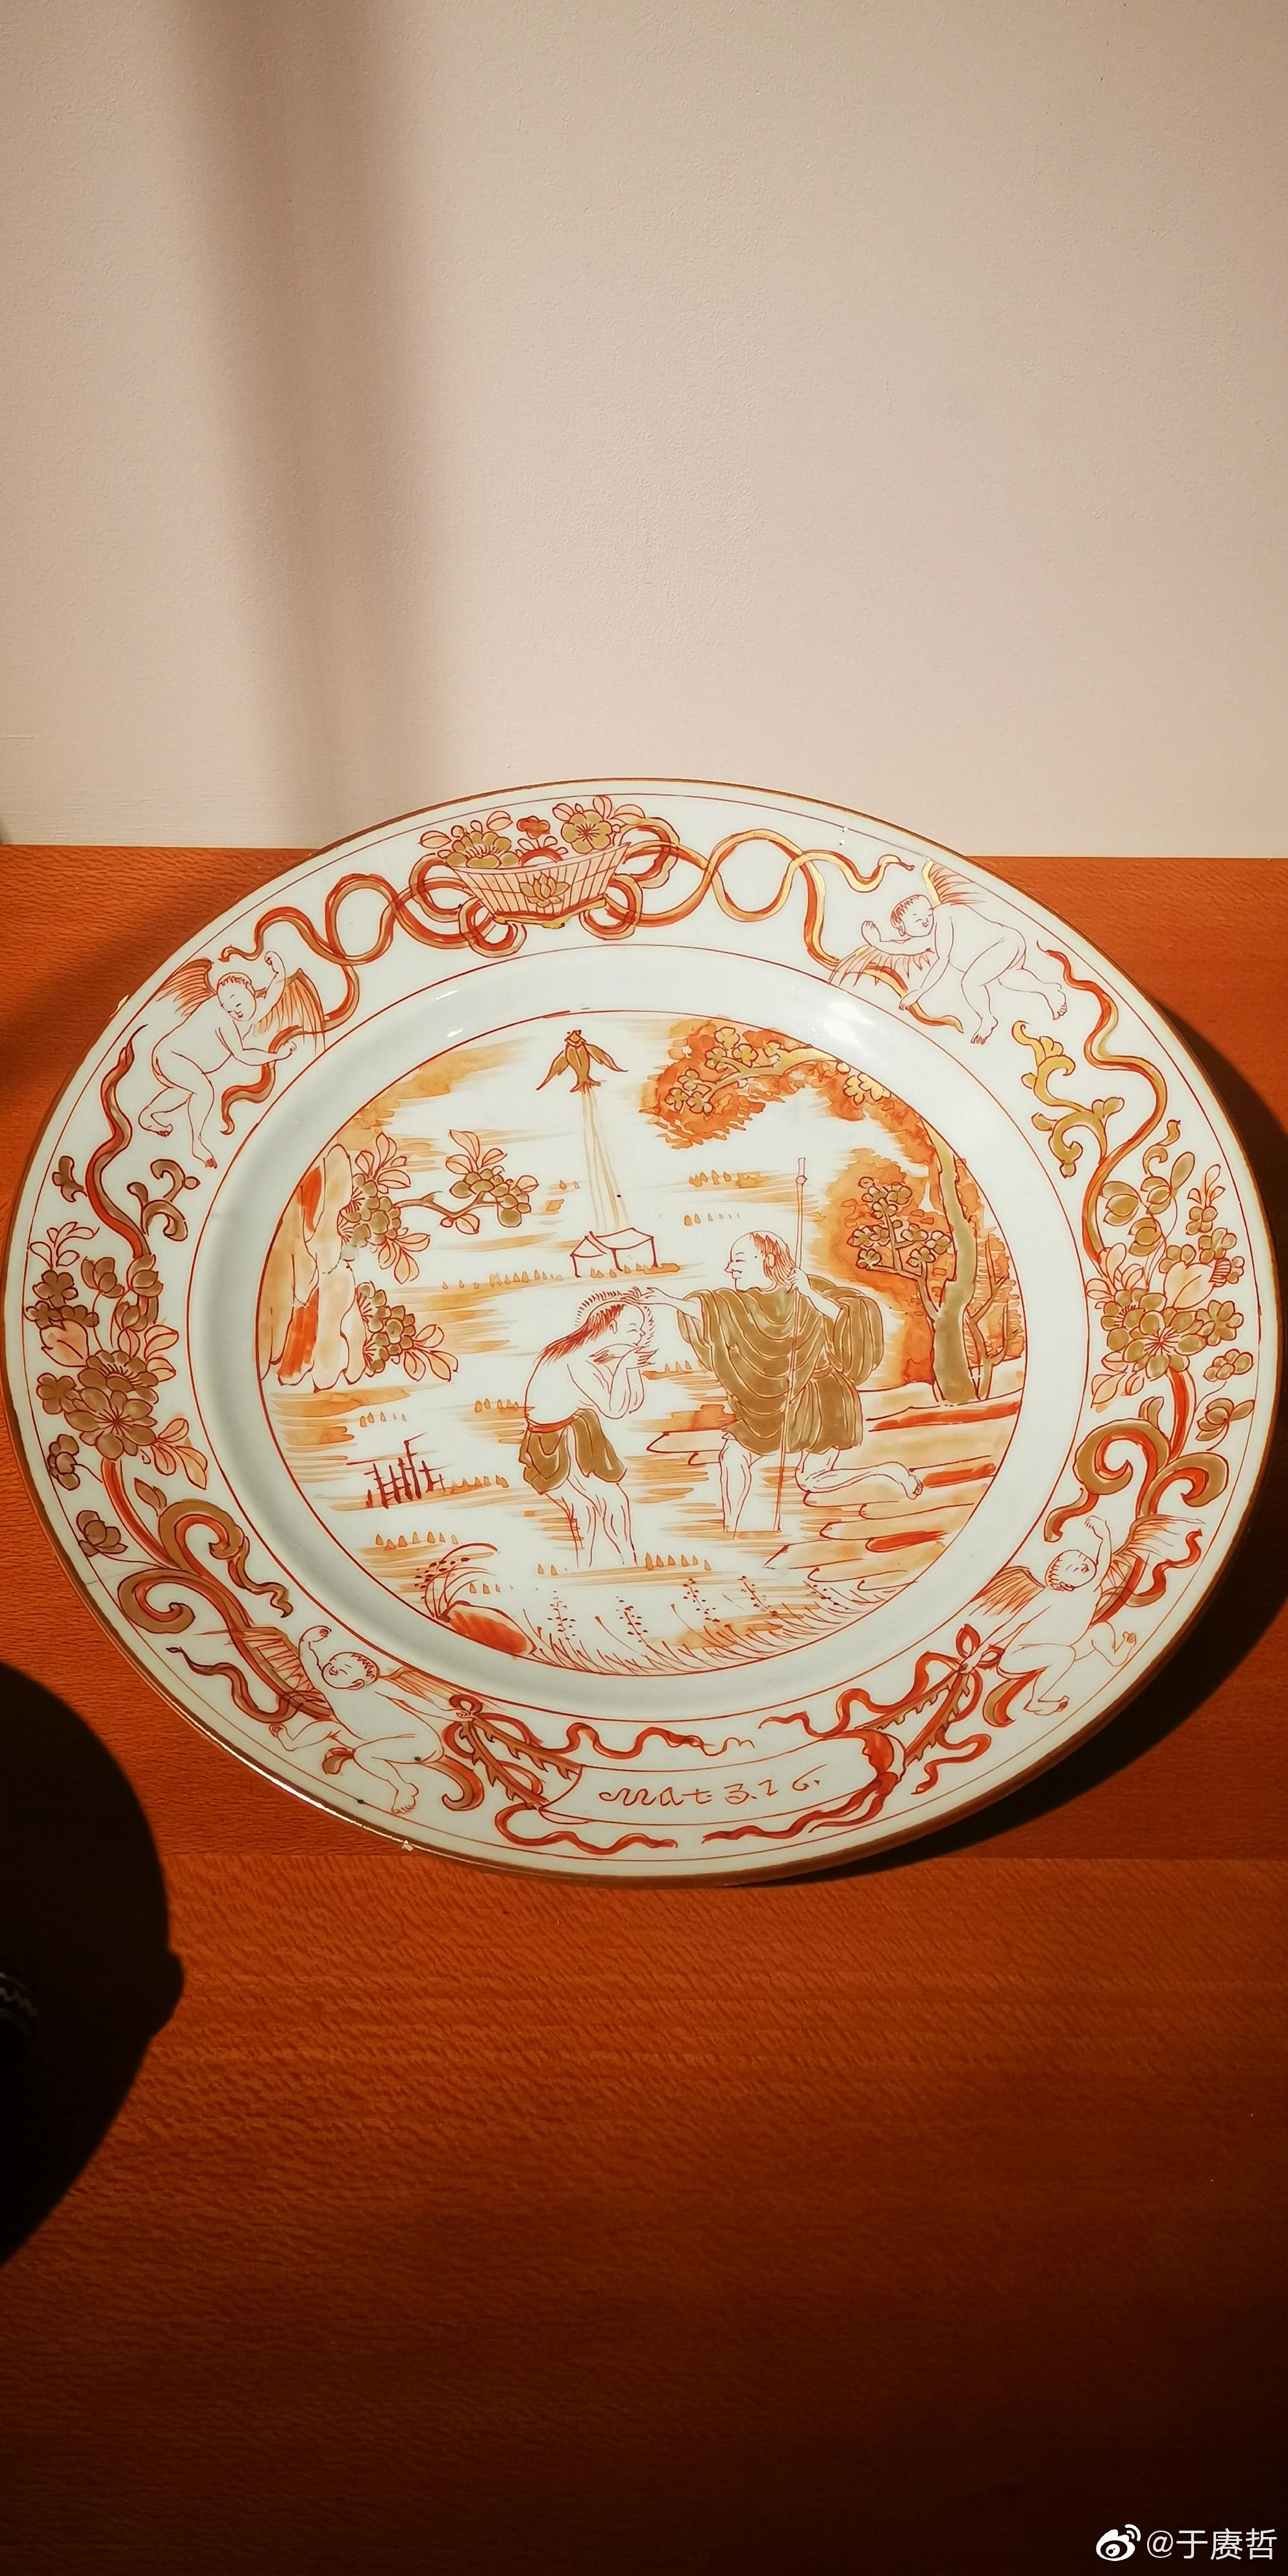 巴黎吉美博物馆藏清代外销瓷《基督受洗》